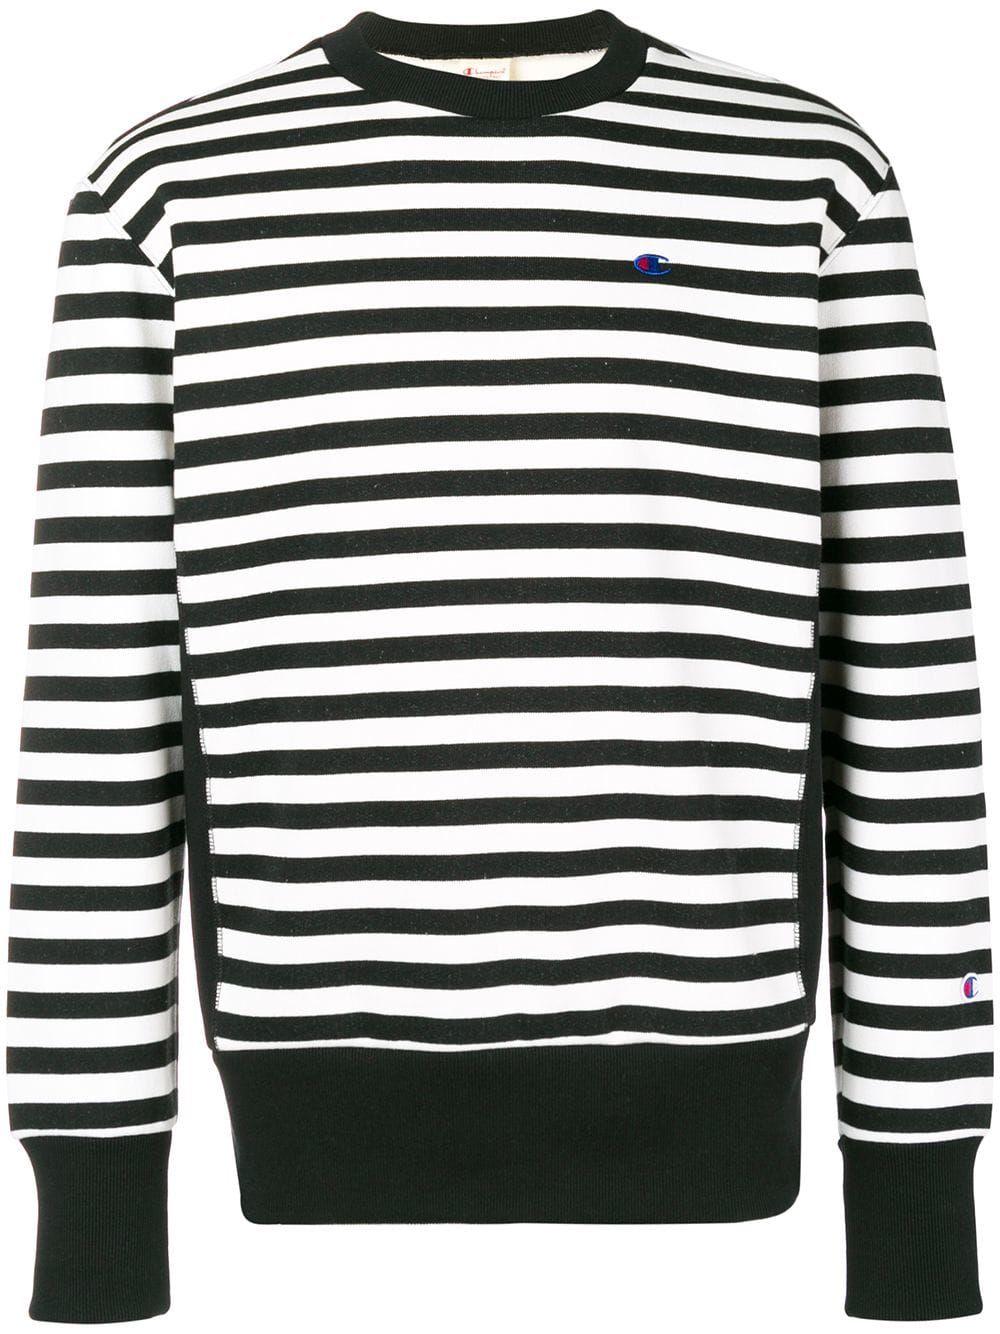 9533b5c3e72e Champion embroidered logo striped sweatshirt - White in 2019 ...